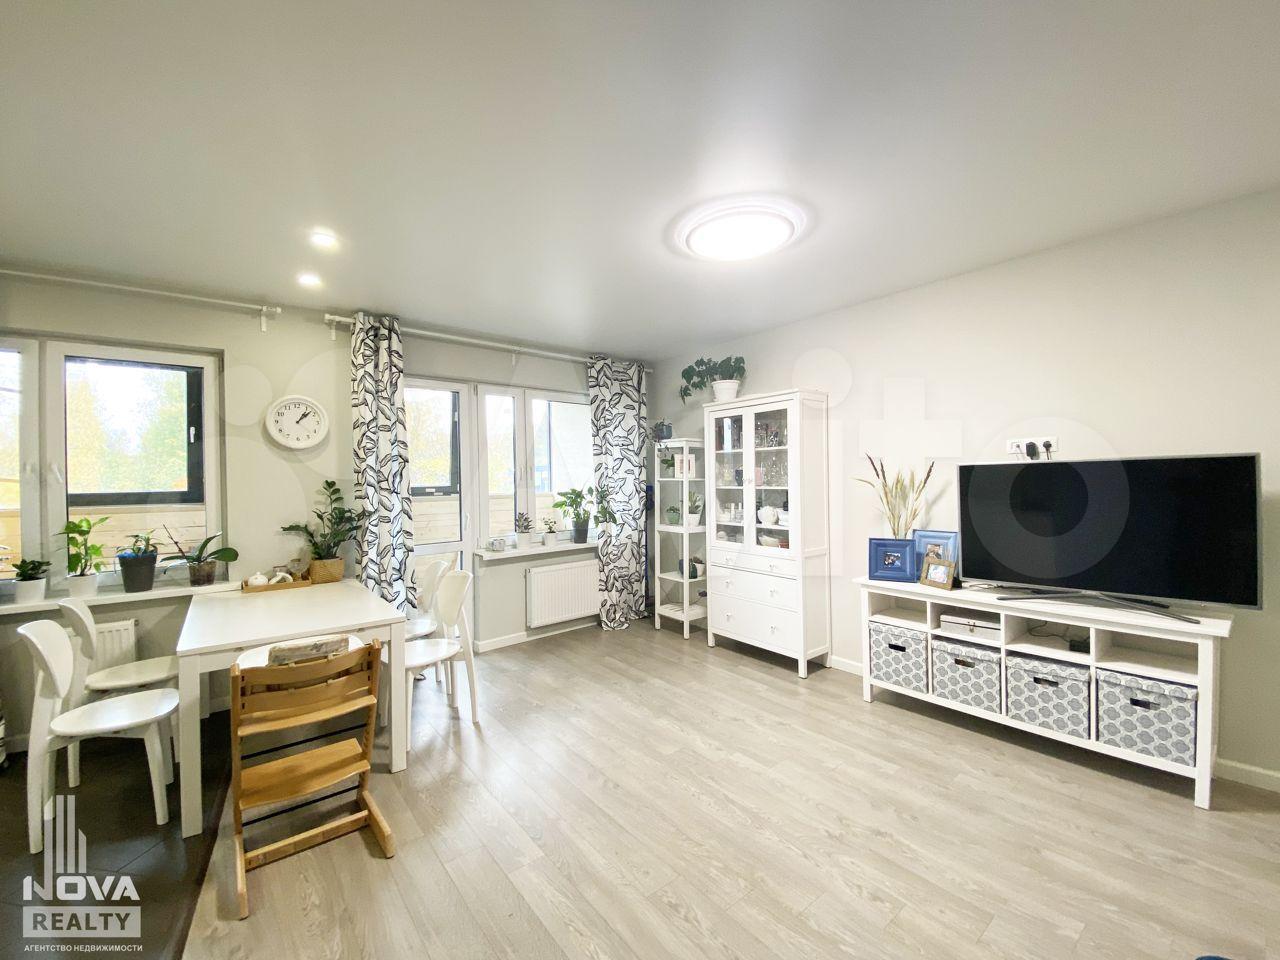 3-к квартира, 72 м², 4/12 эт.  89814010721 купить 4